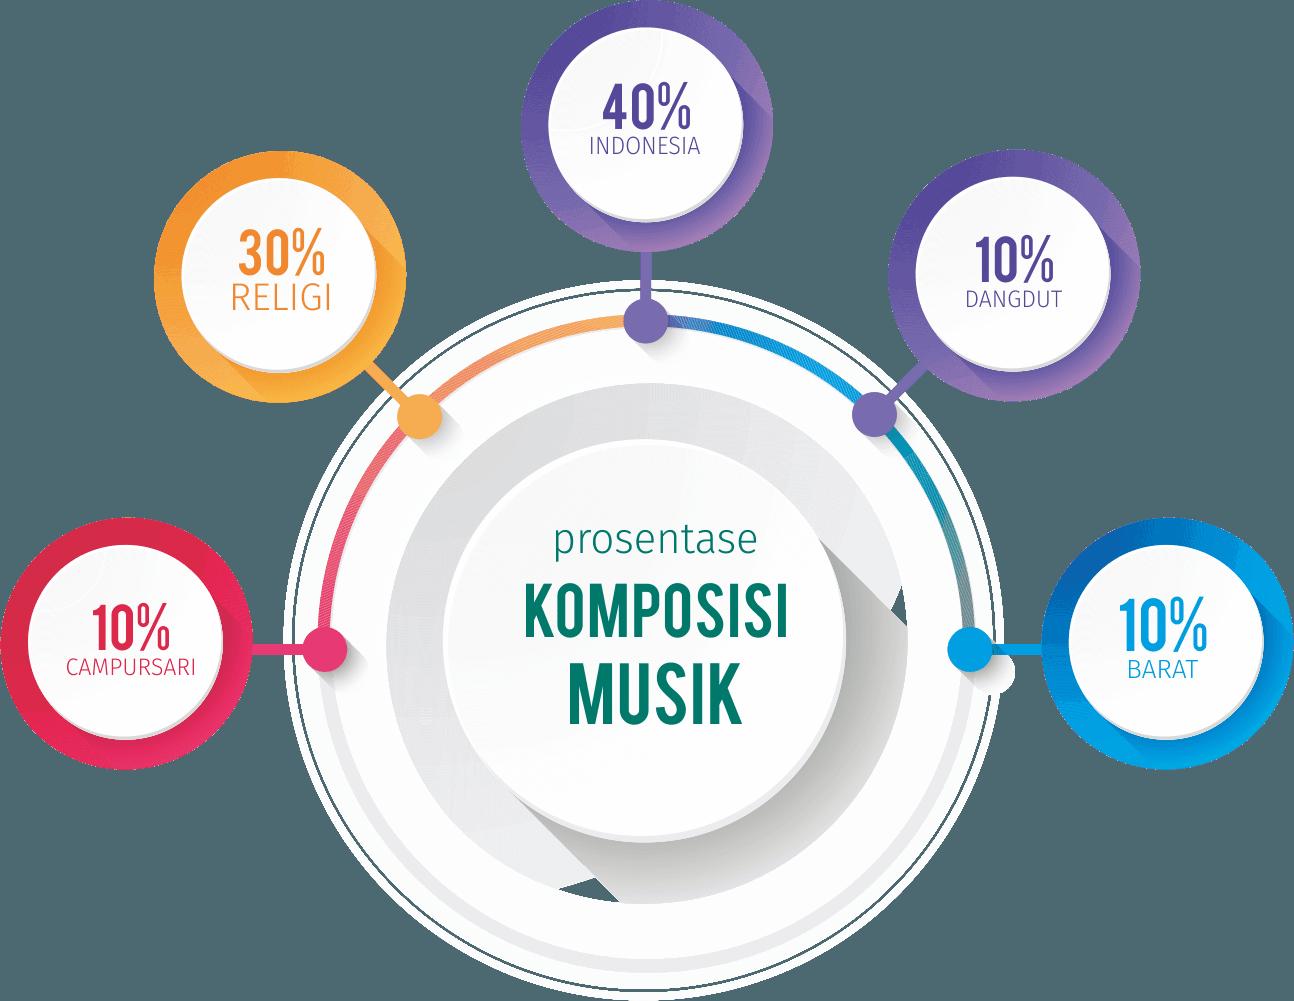 Komposisi Musik